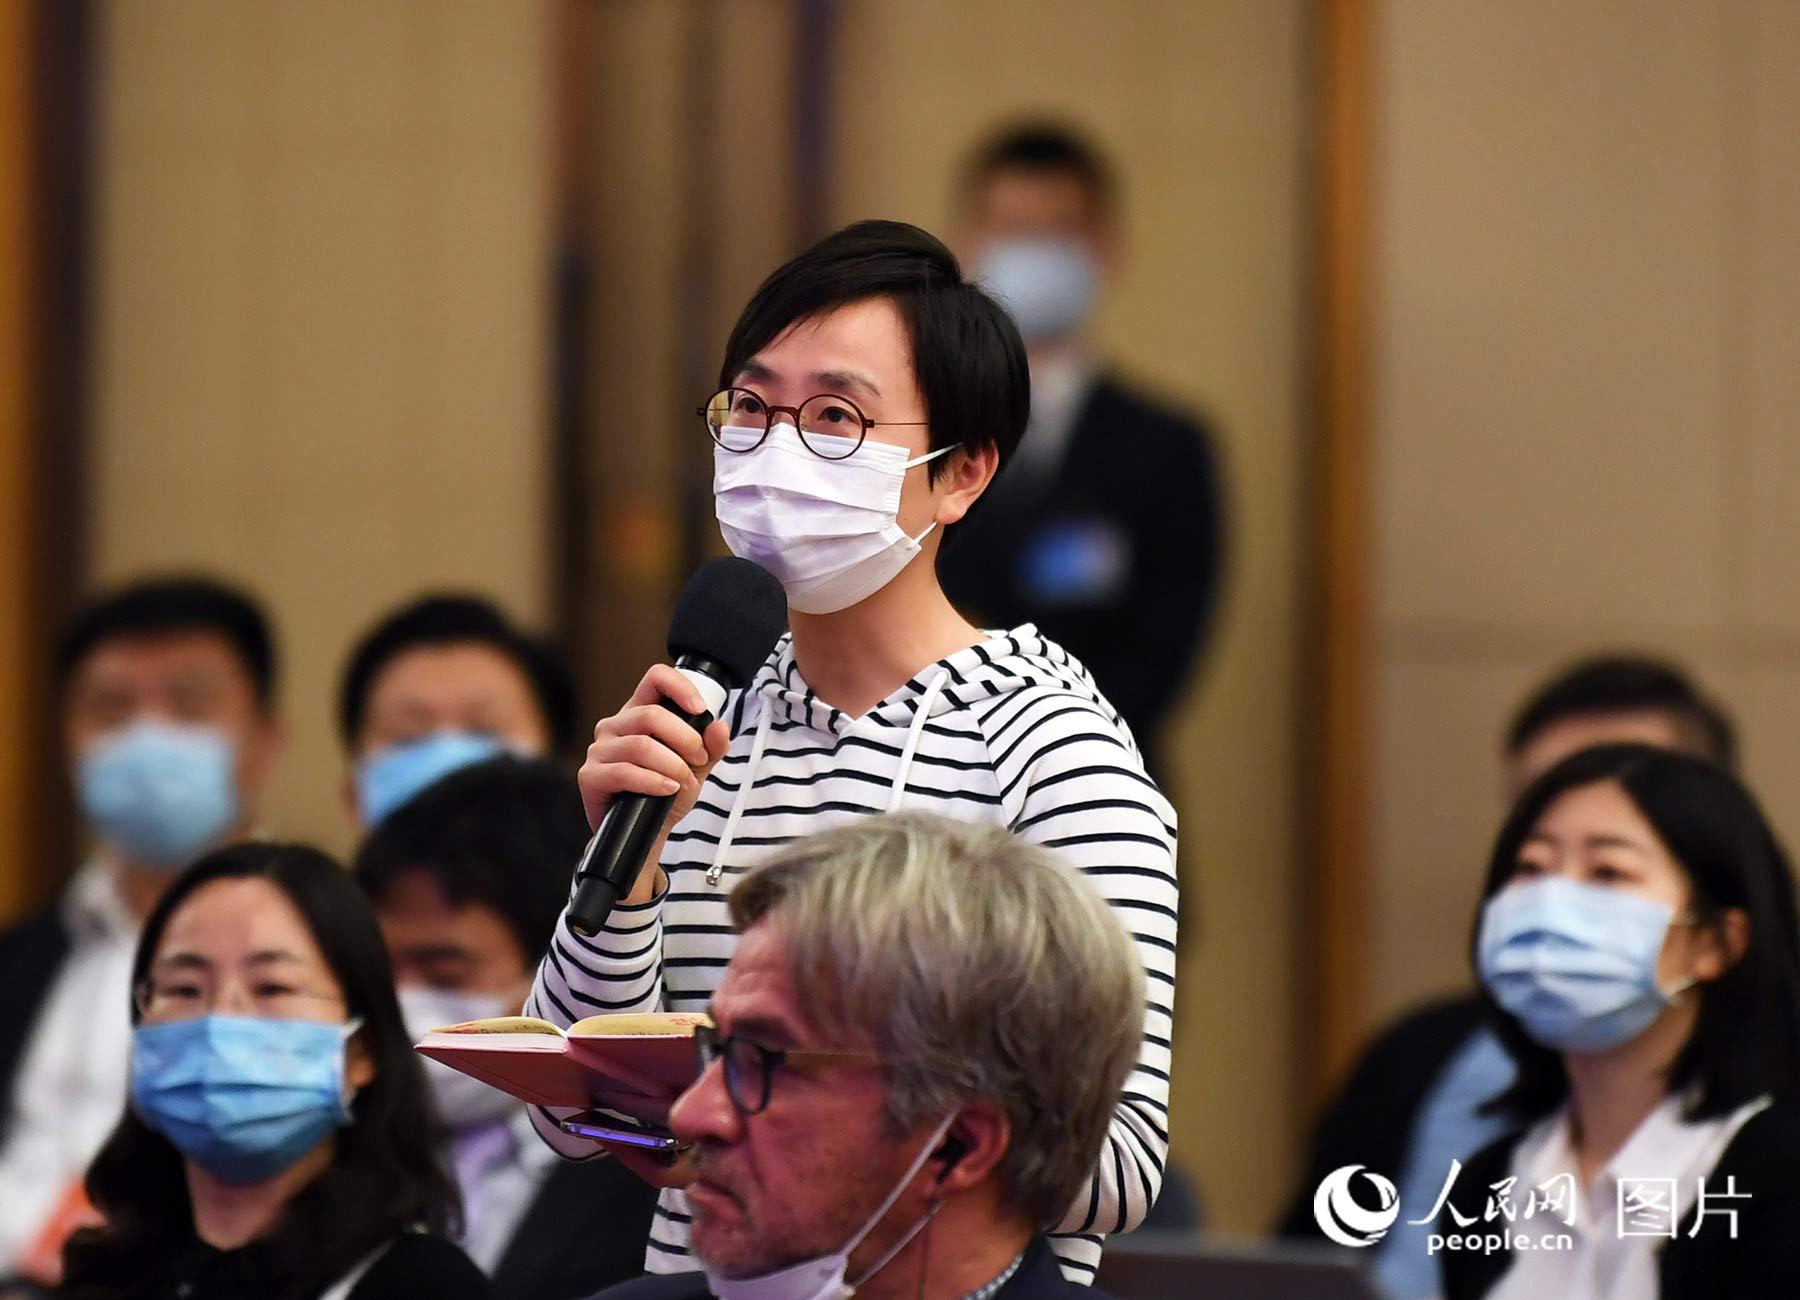 香港星岛日报记者提问。人民网记者 翁奇羽 摄